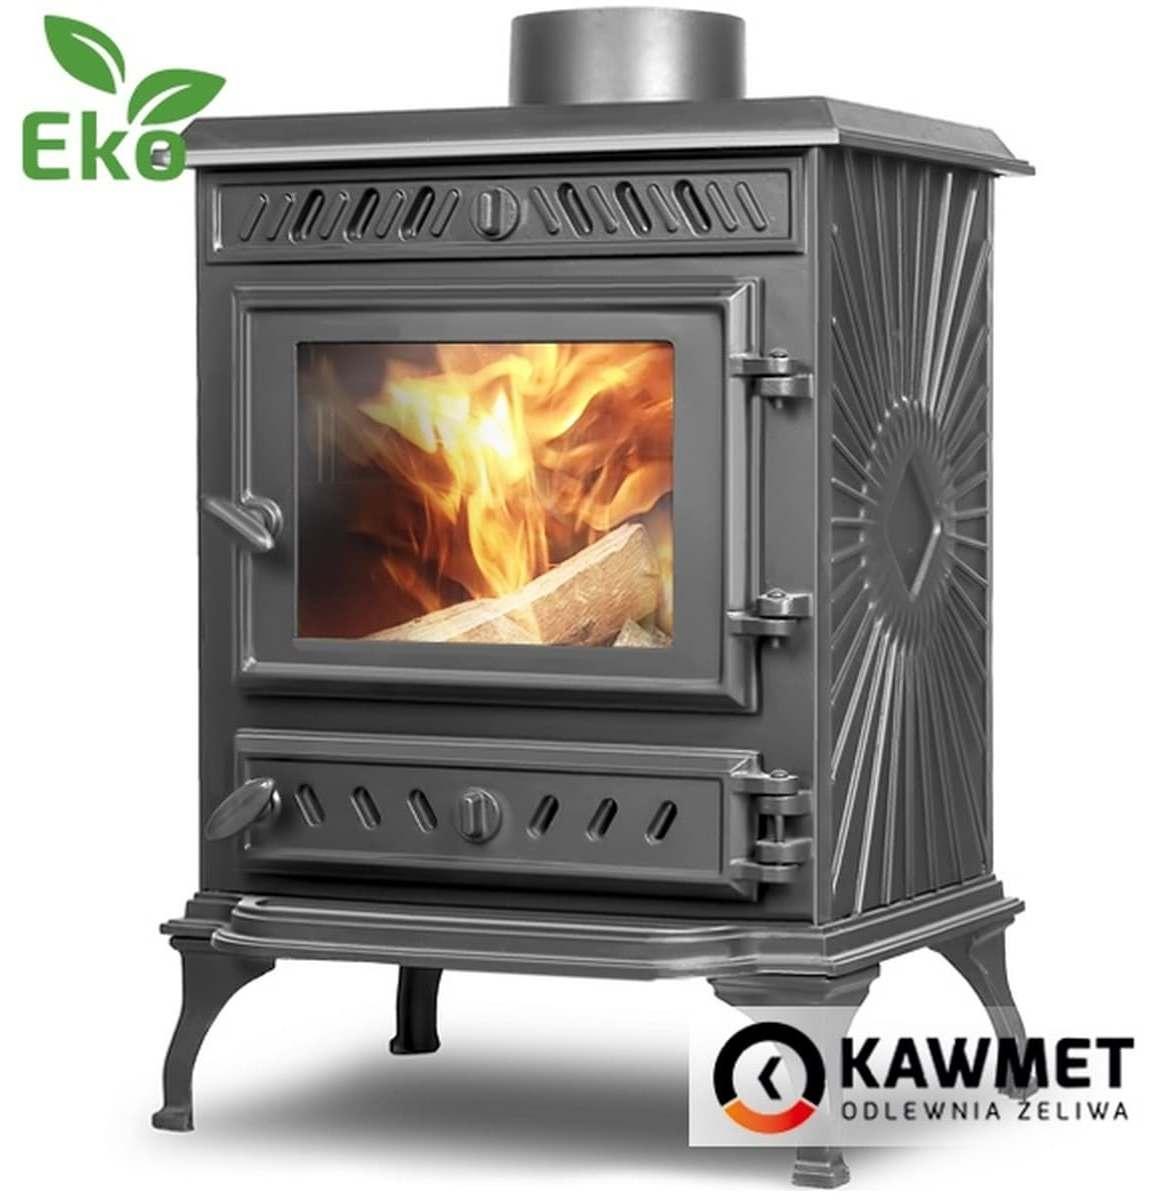 Чугунная печь KAWMET P3 7,4кВт EKO